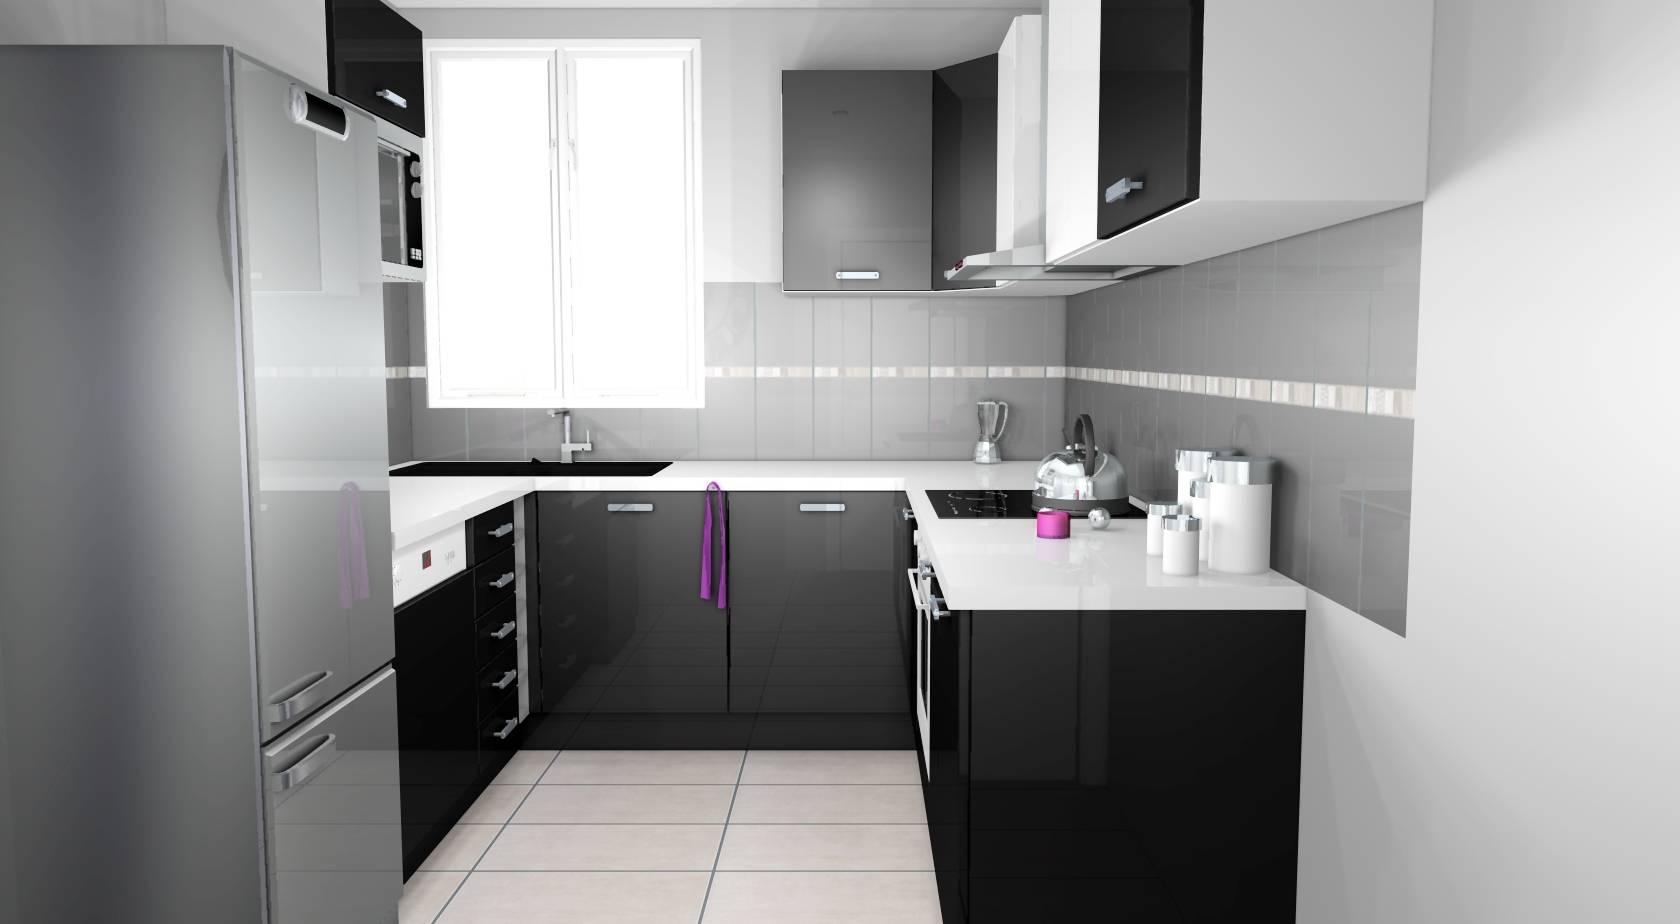 Cuisine Noir Et Blanc Mat cuisine noire et blanche